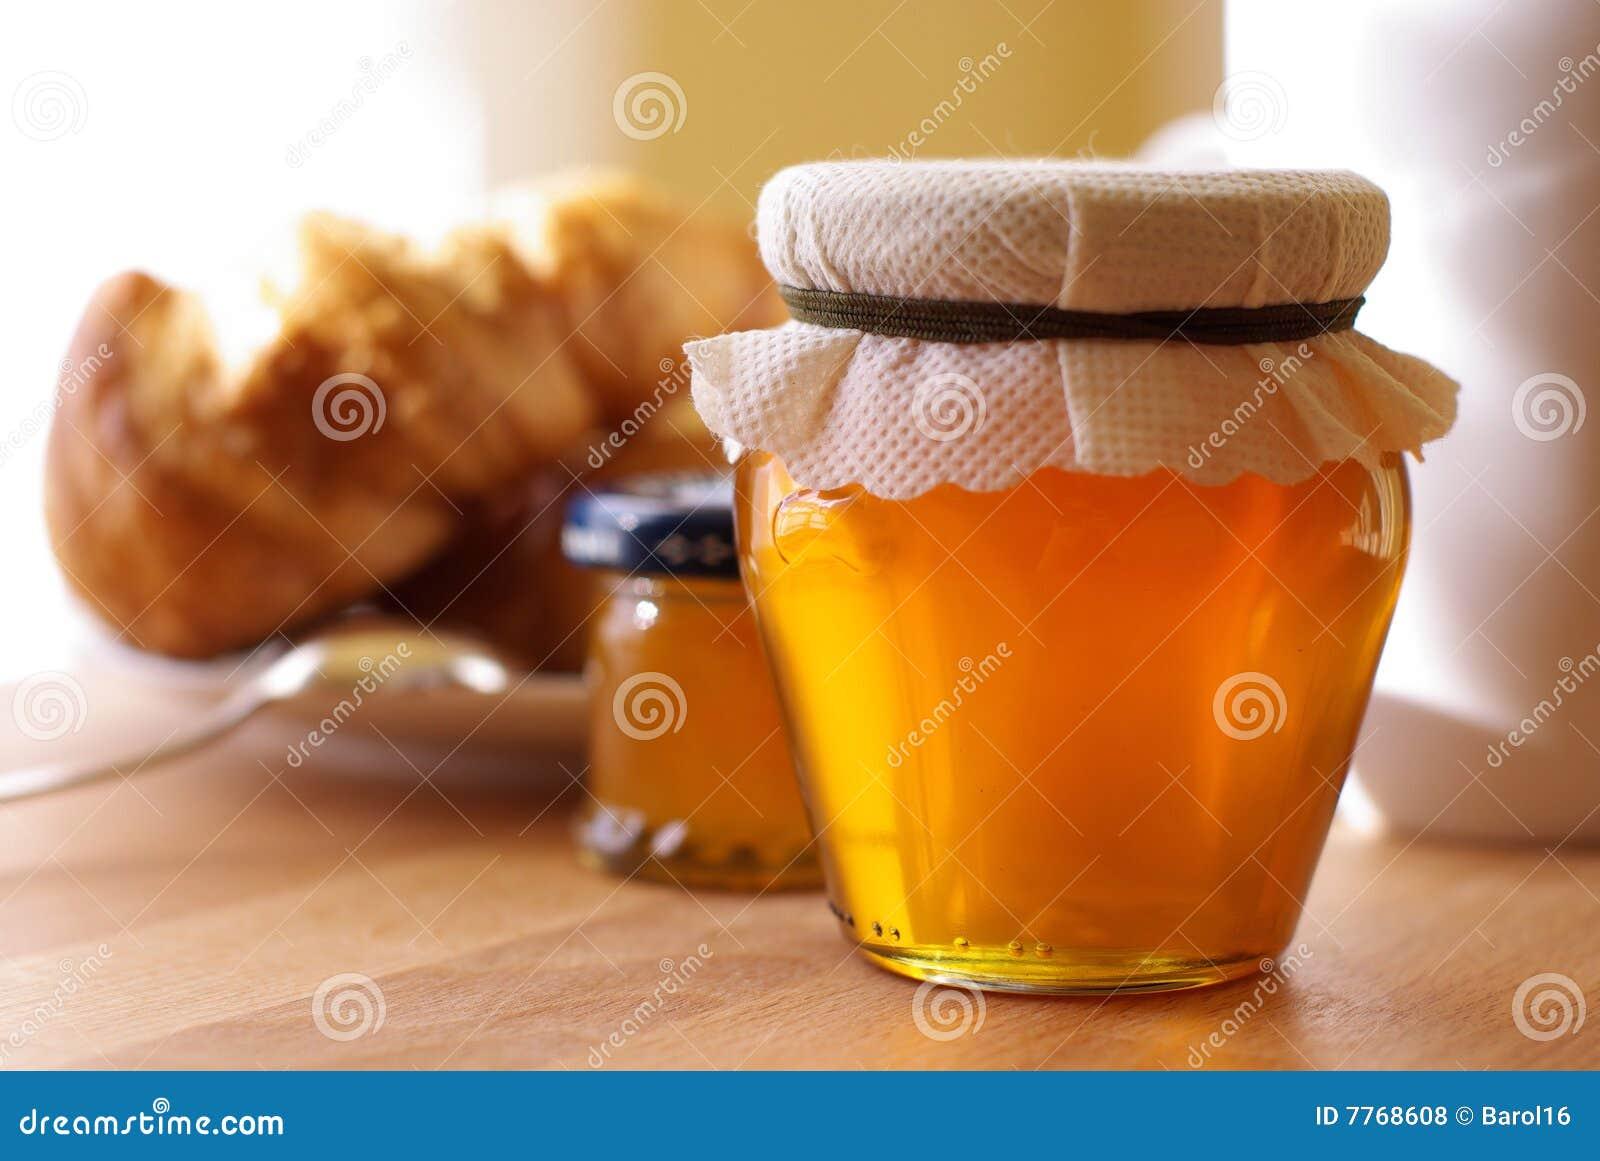 Pequeno almoço com mel